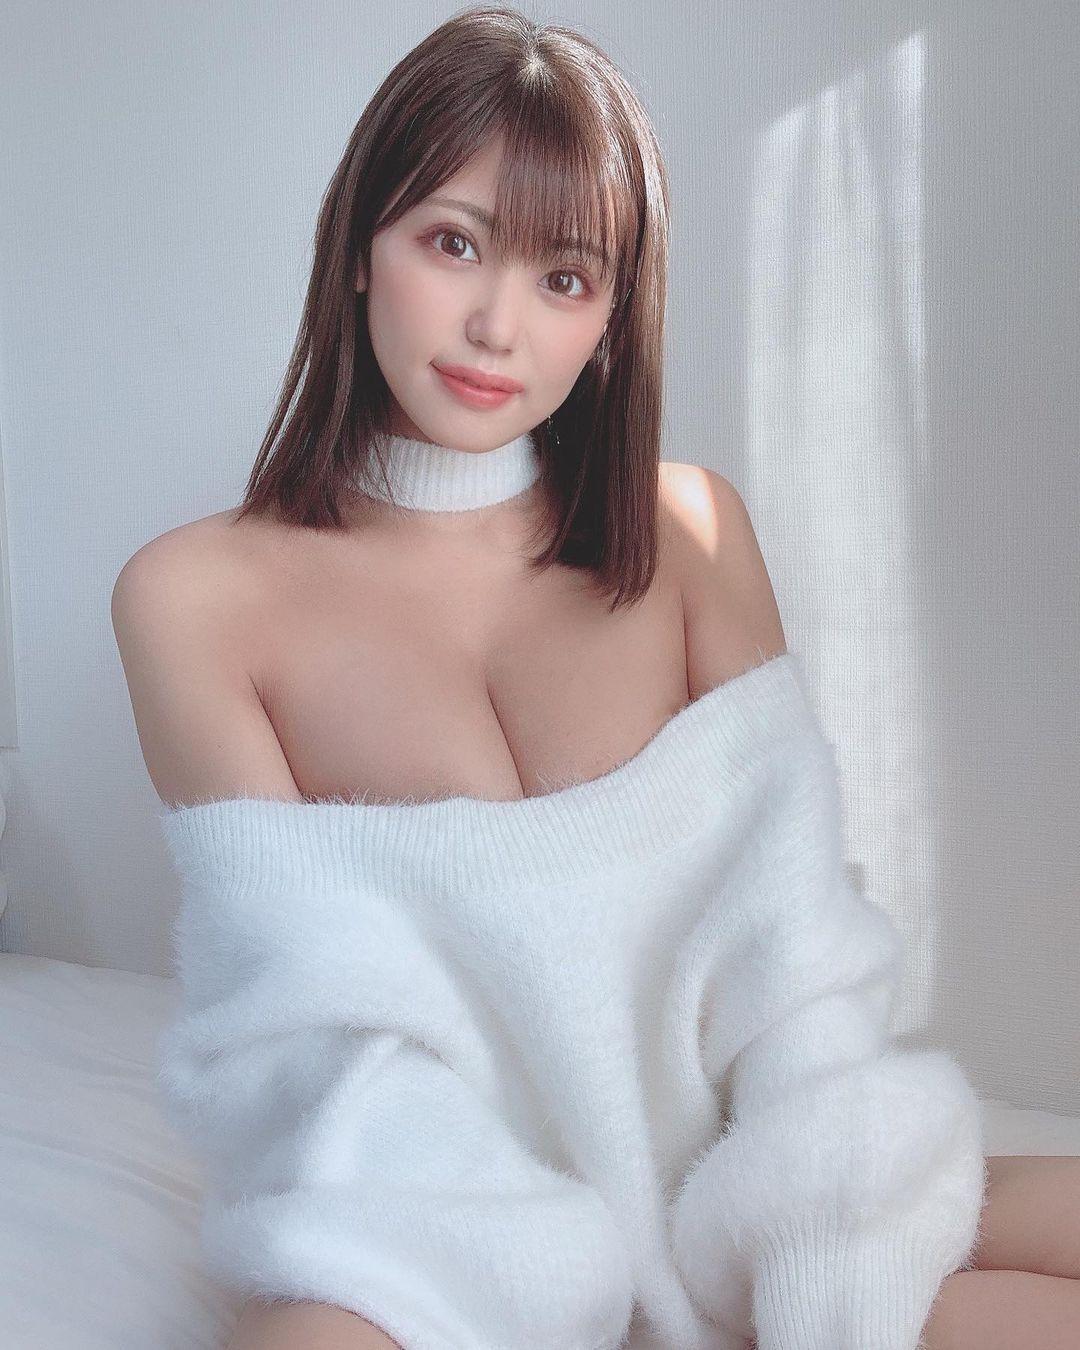 「あっためて?」セクシーショットを公開【篠原冴美さん/2020年12月26日】